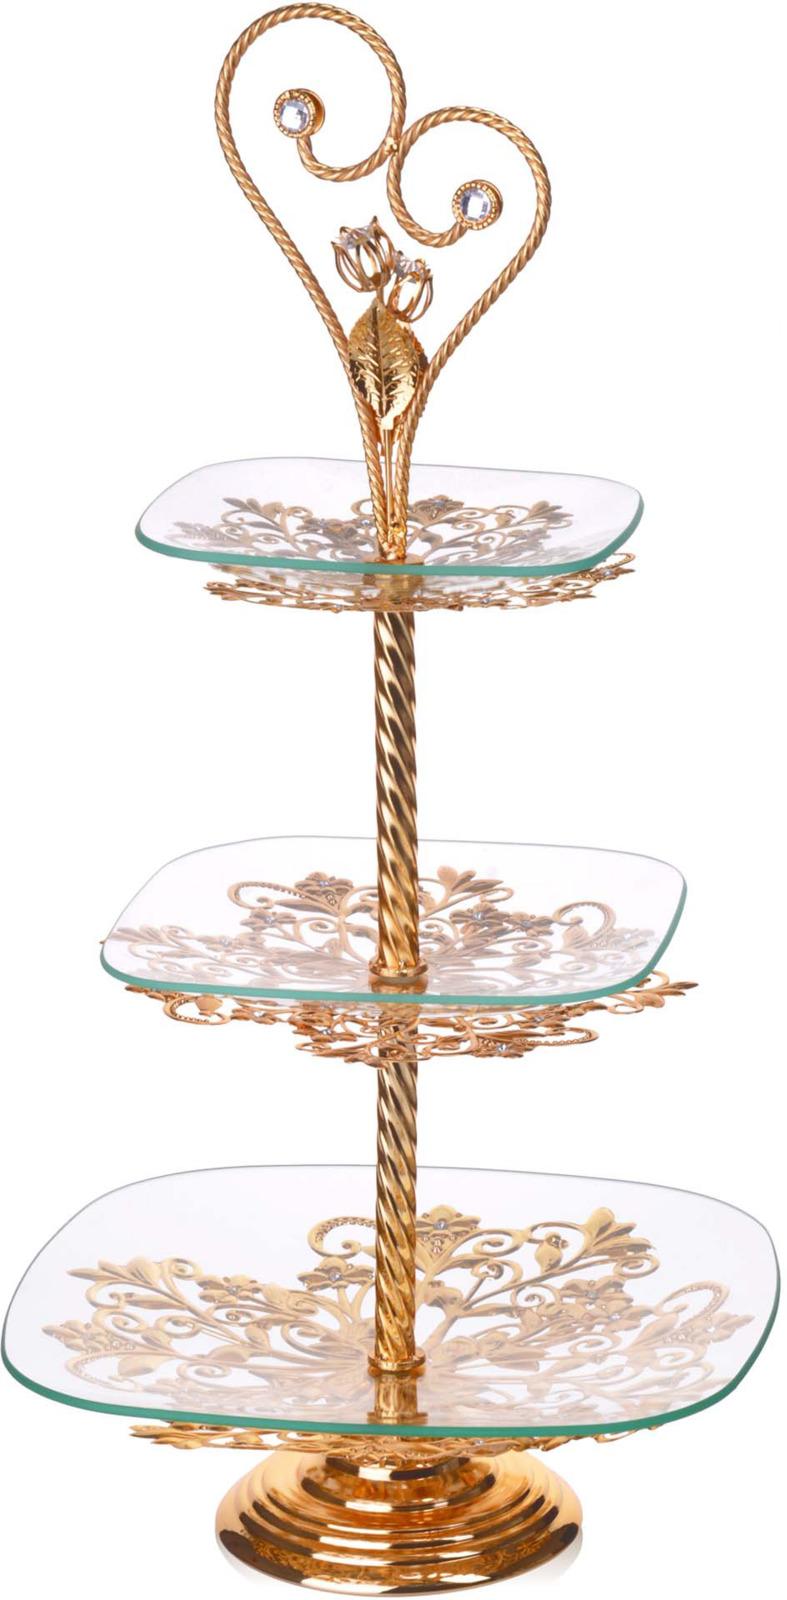 Конфетница Loraine, 3-ярусная, цвет: золотой, высота 63 см конфетница loraine олива цвет белый зеленый синий